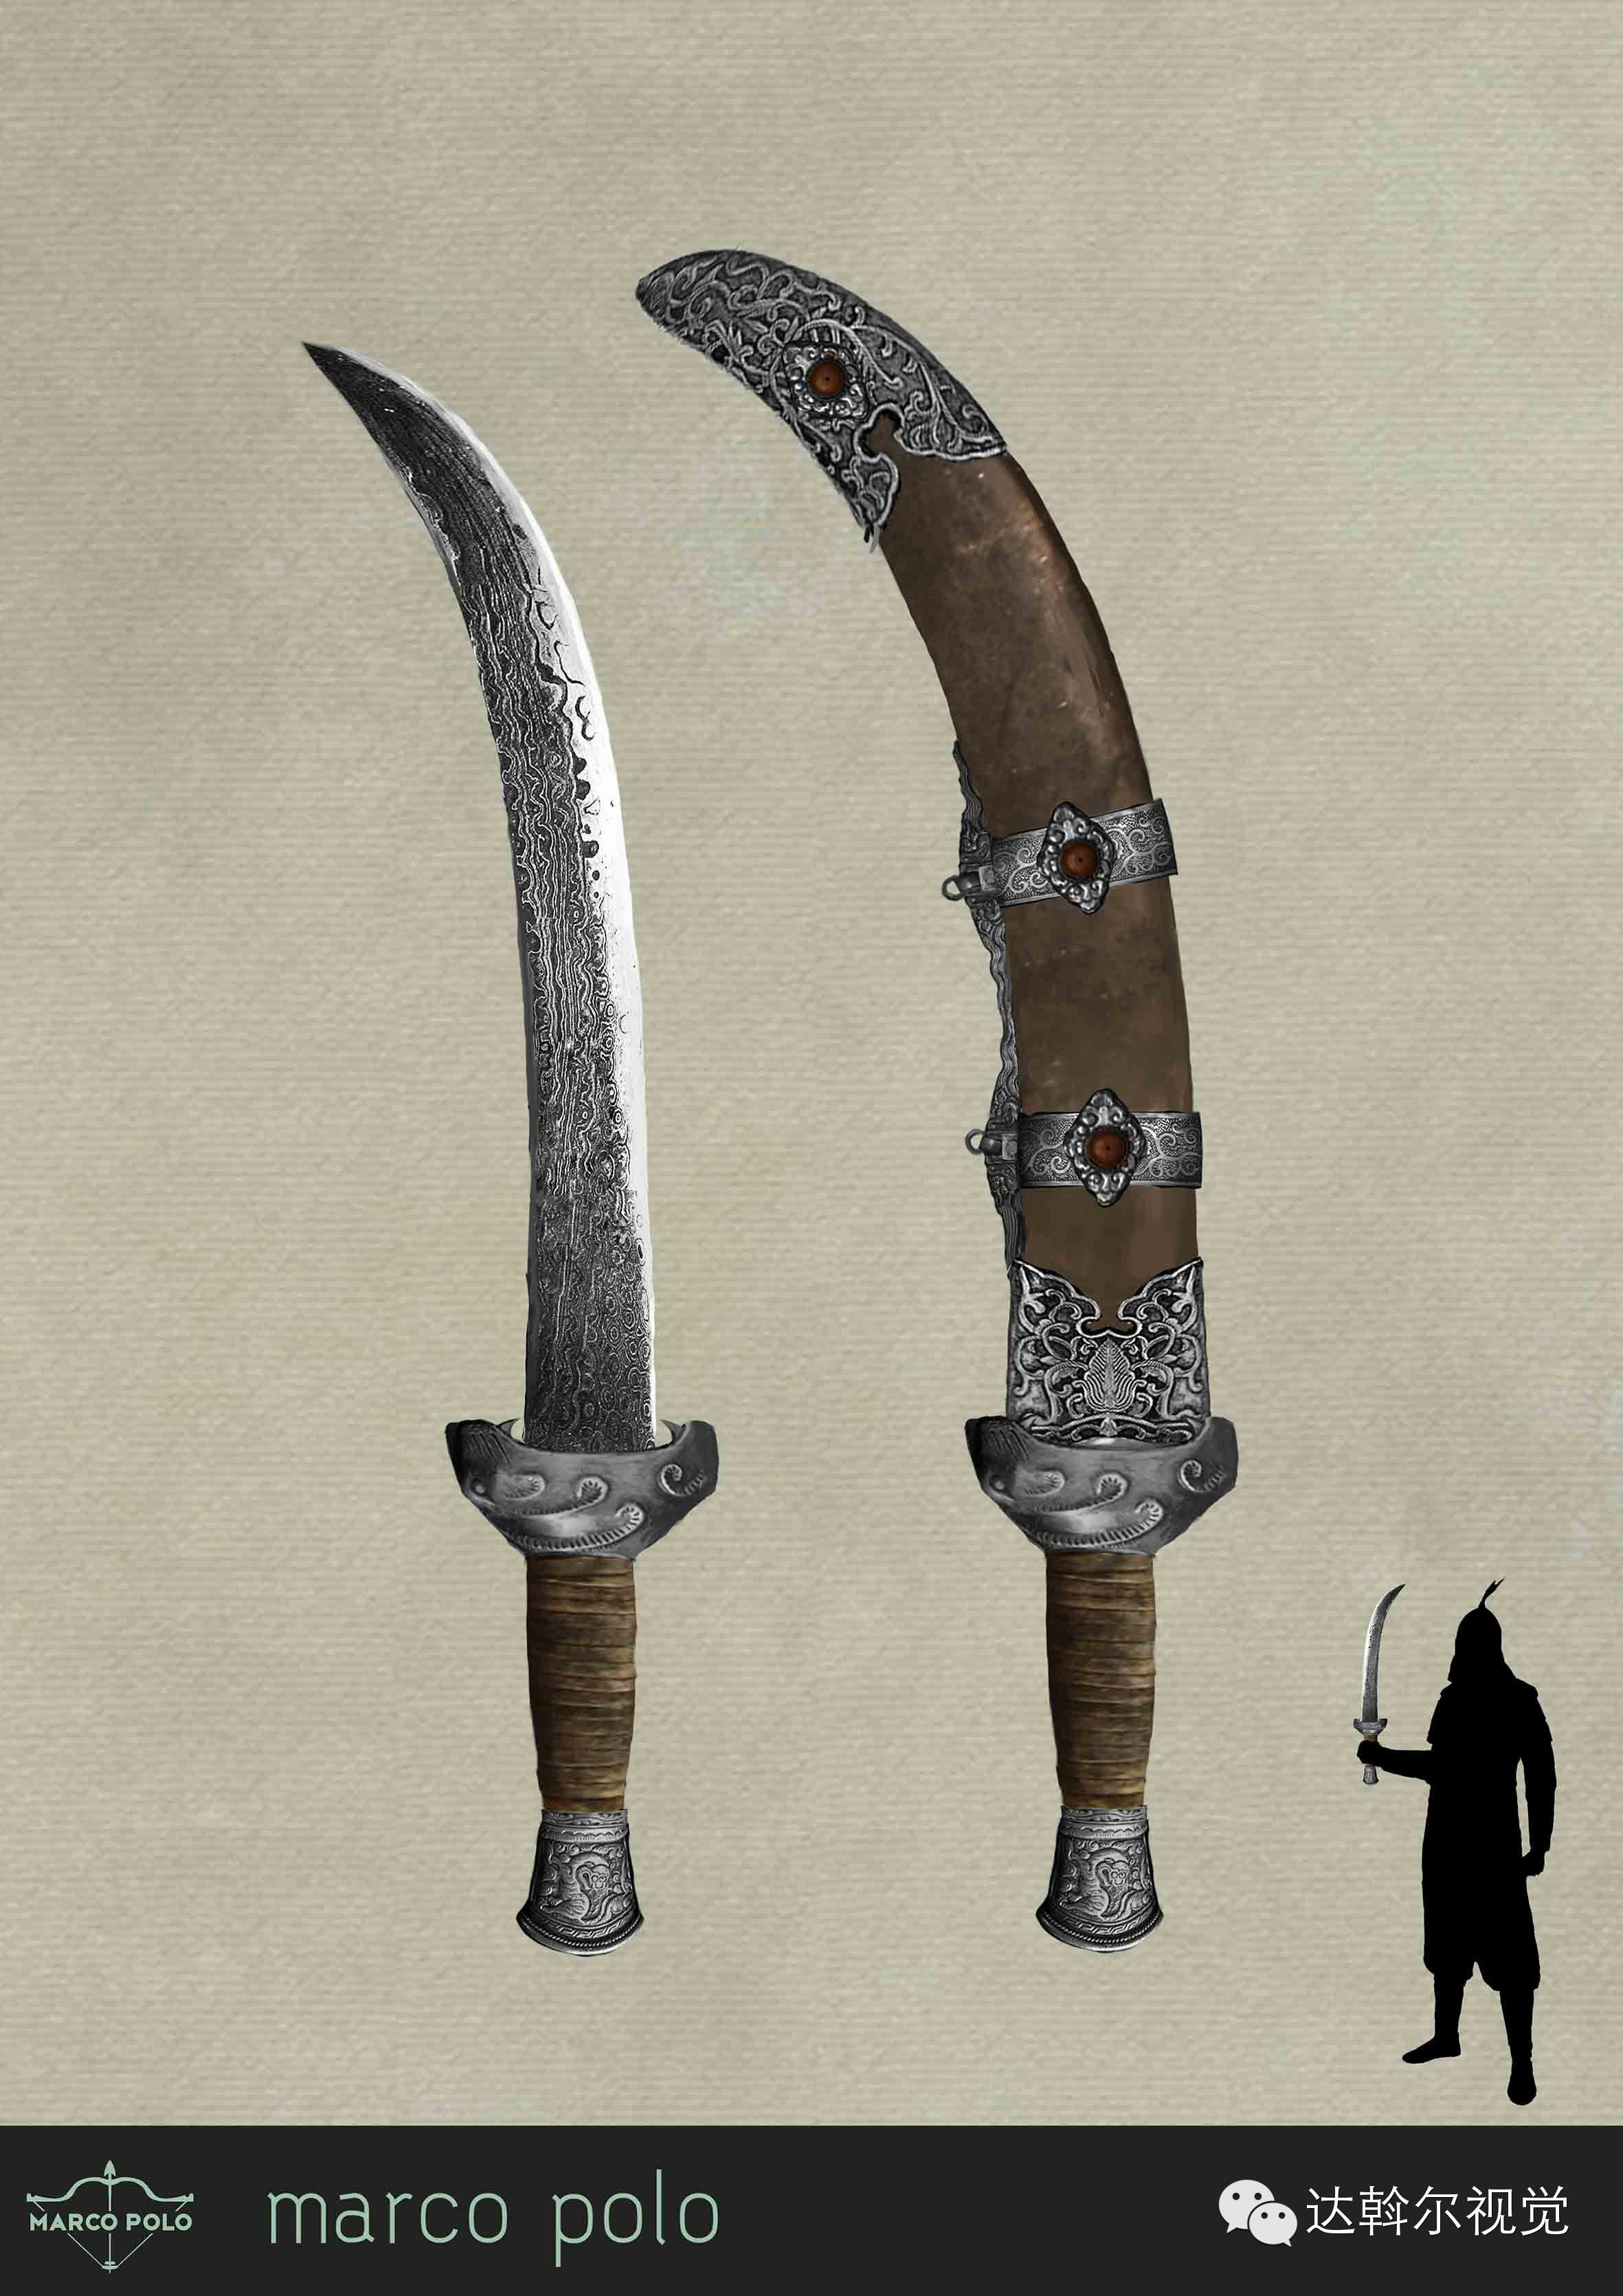 蒙古题材美剧《马可波罗》兵器设计欣赏 第7张